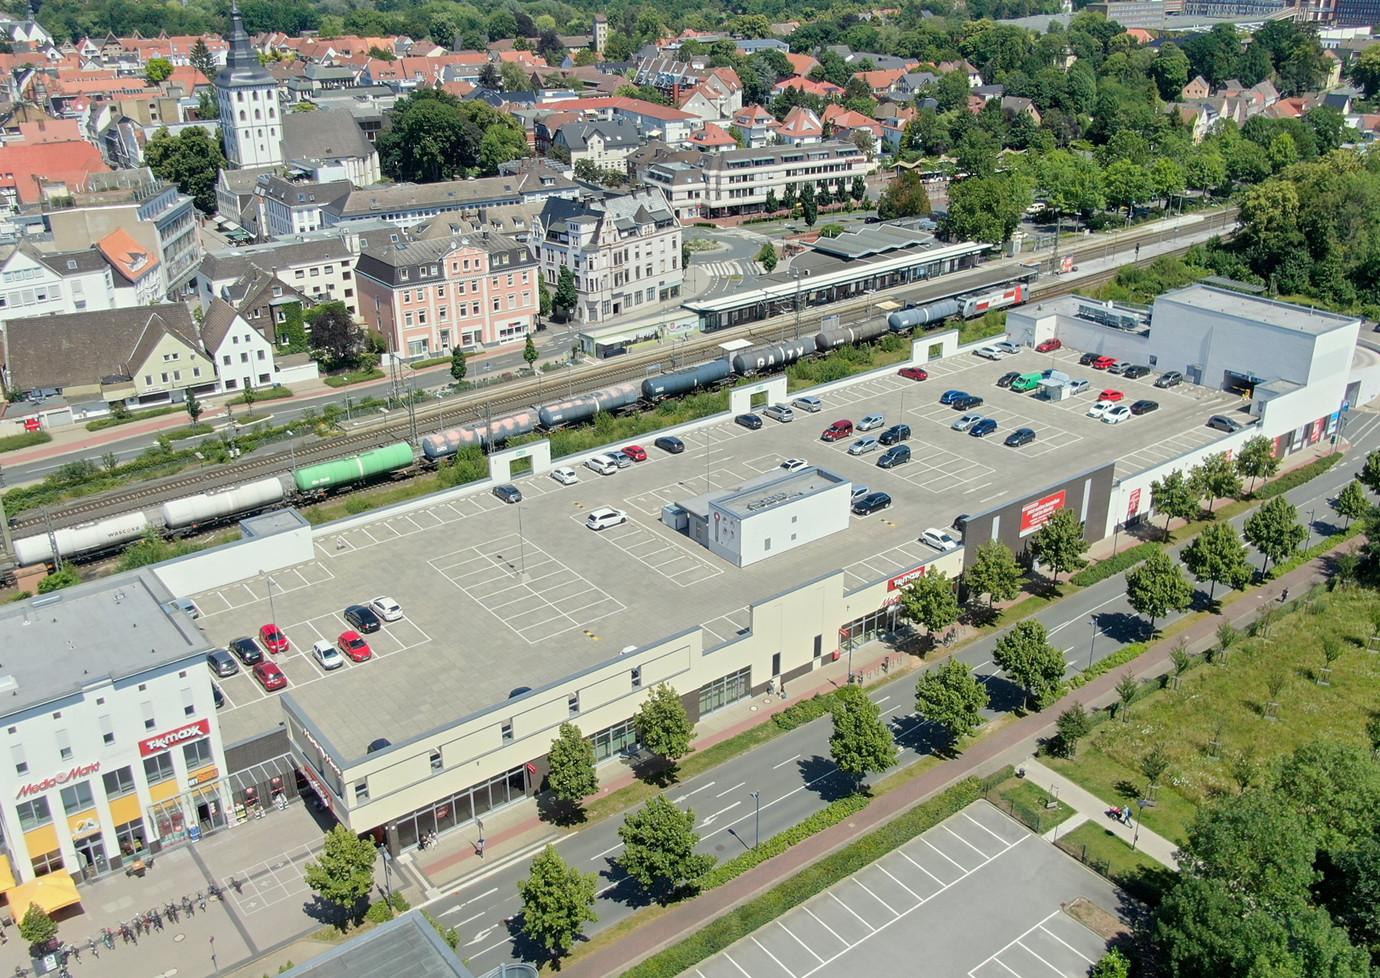 Südertor Lippstadt (6).jpg